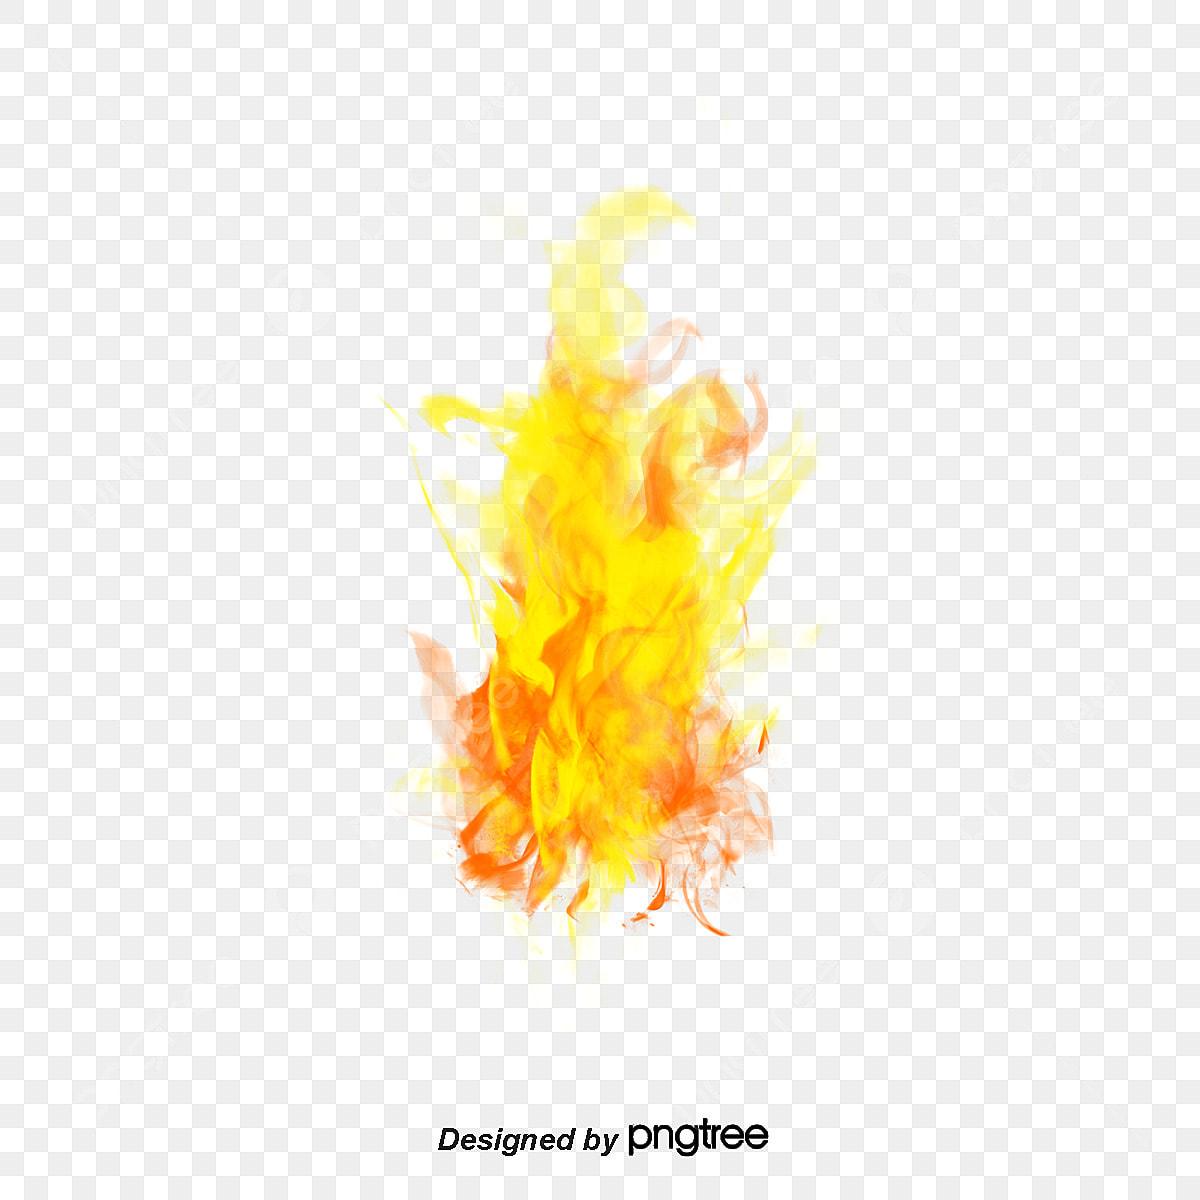 無料ダウンロードのための黄色の炎 Png画像 素材を免震 炎png画像素材